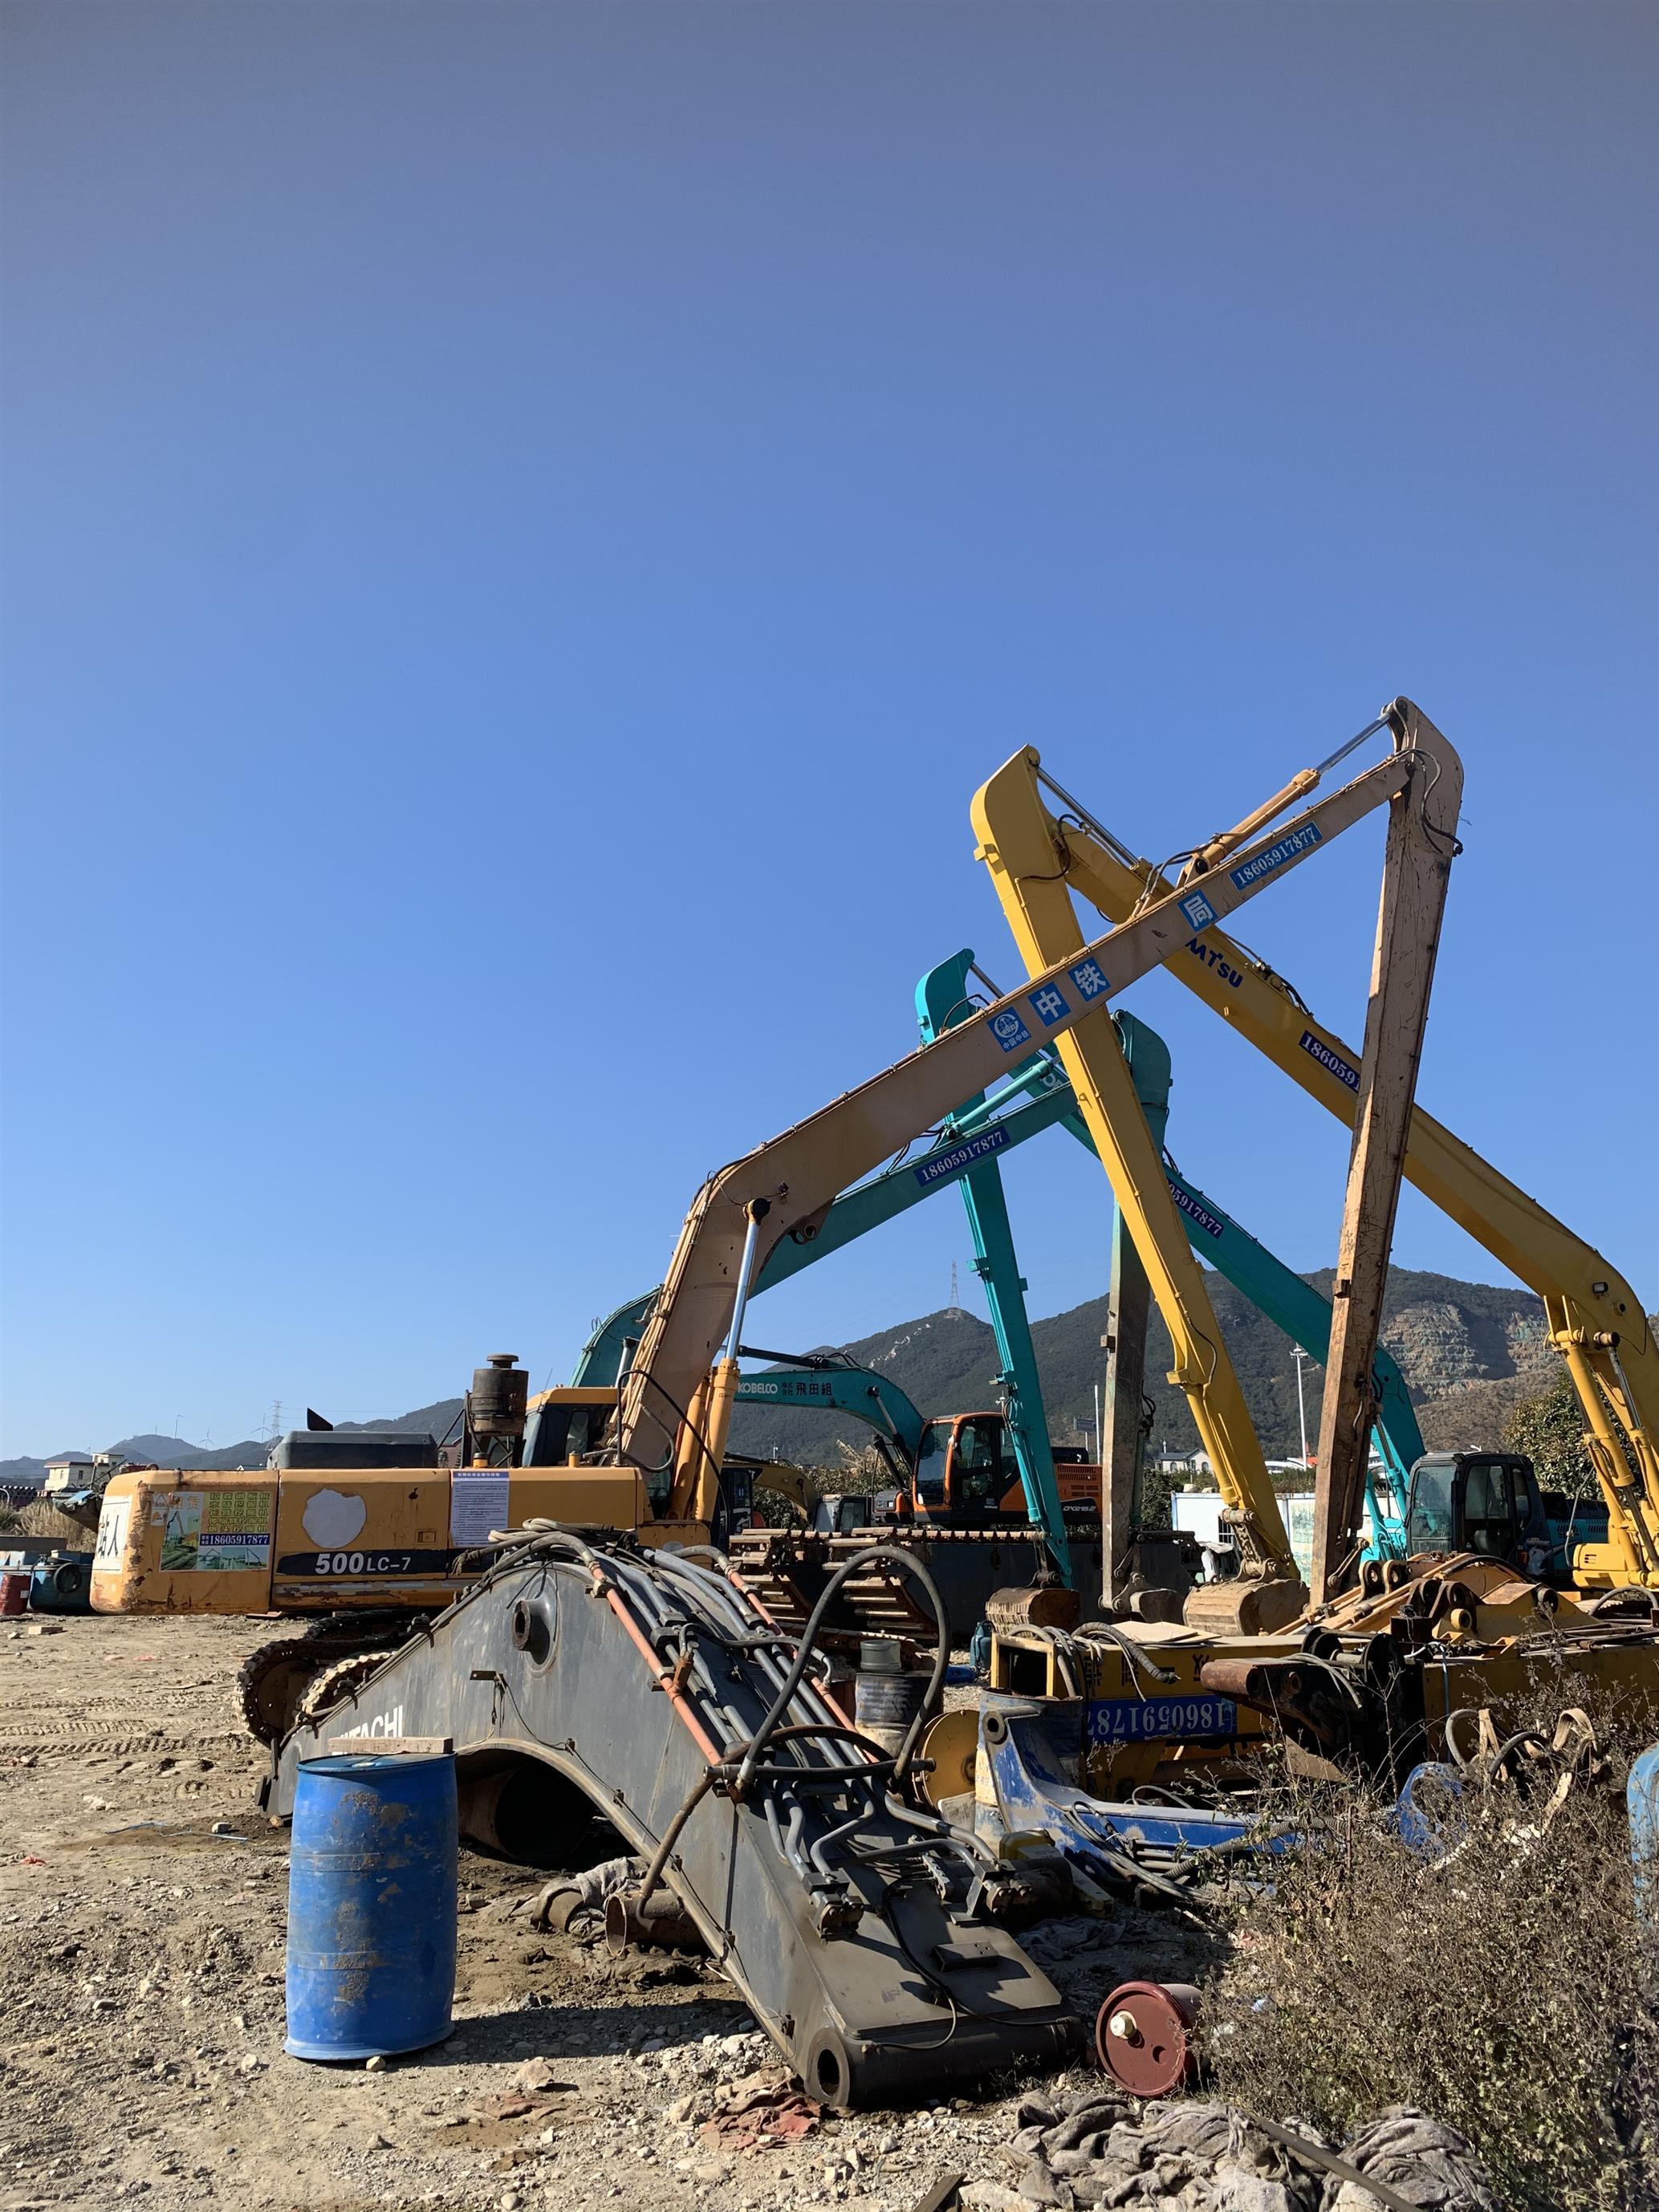 18米加长臂挖掘机出租费用